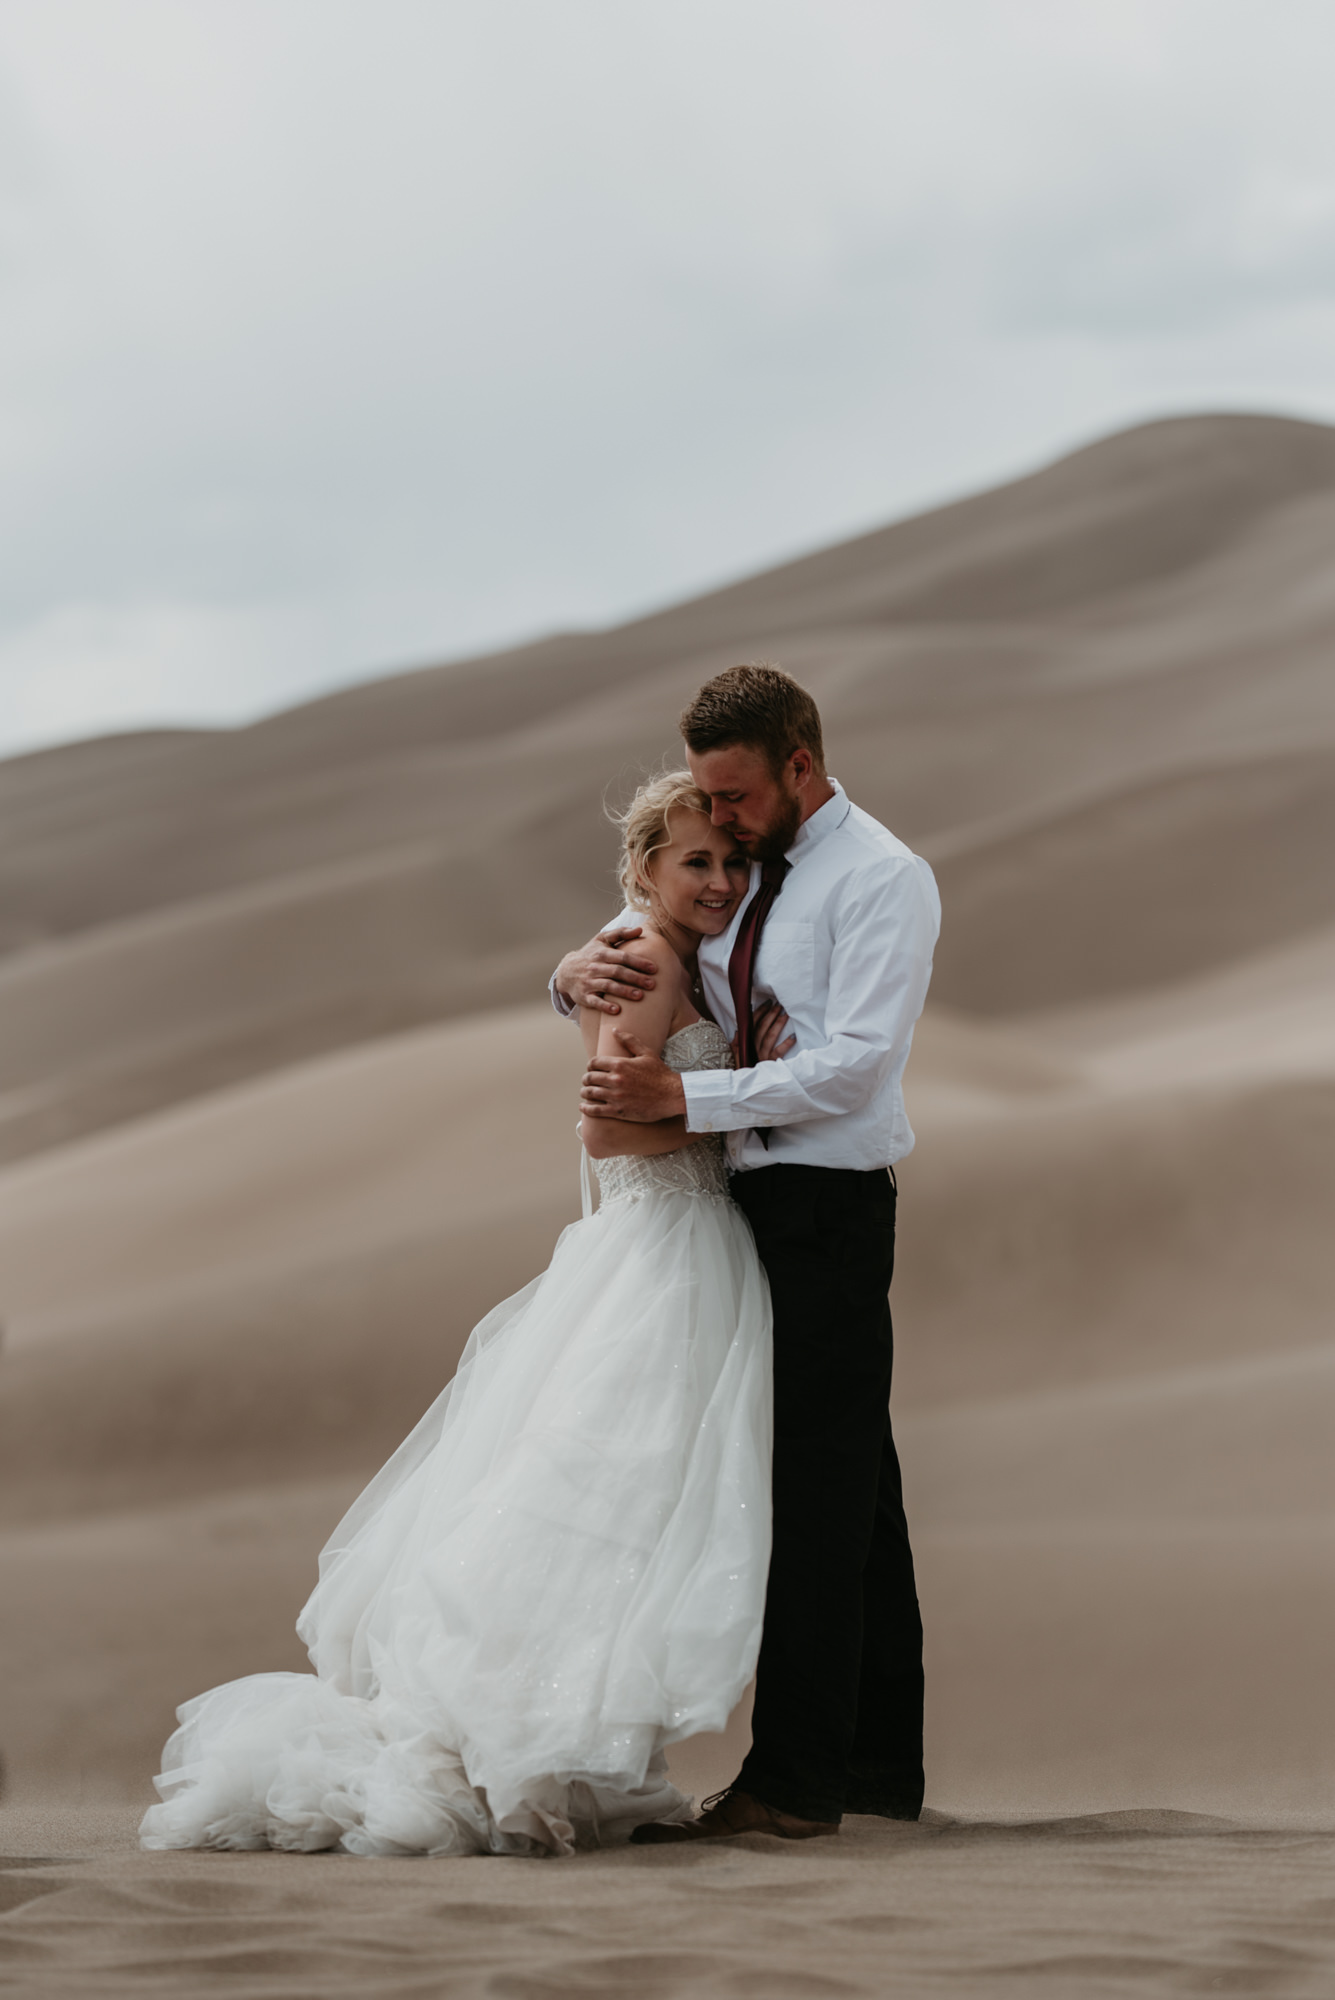 Sweet Colorado wedding photos.